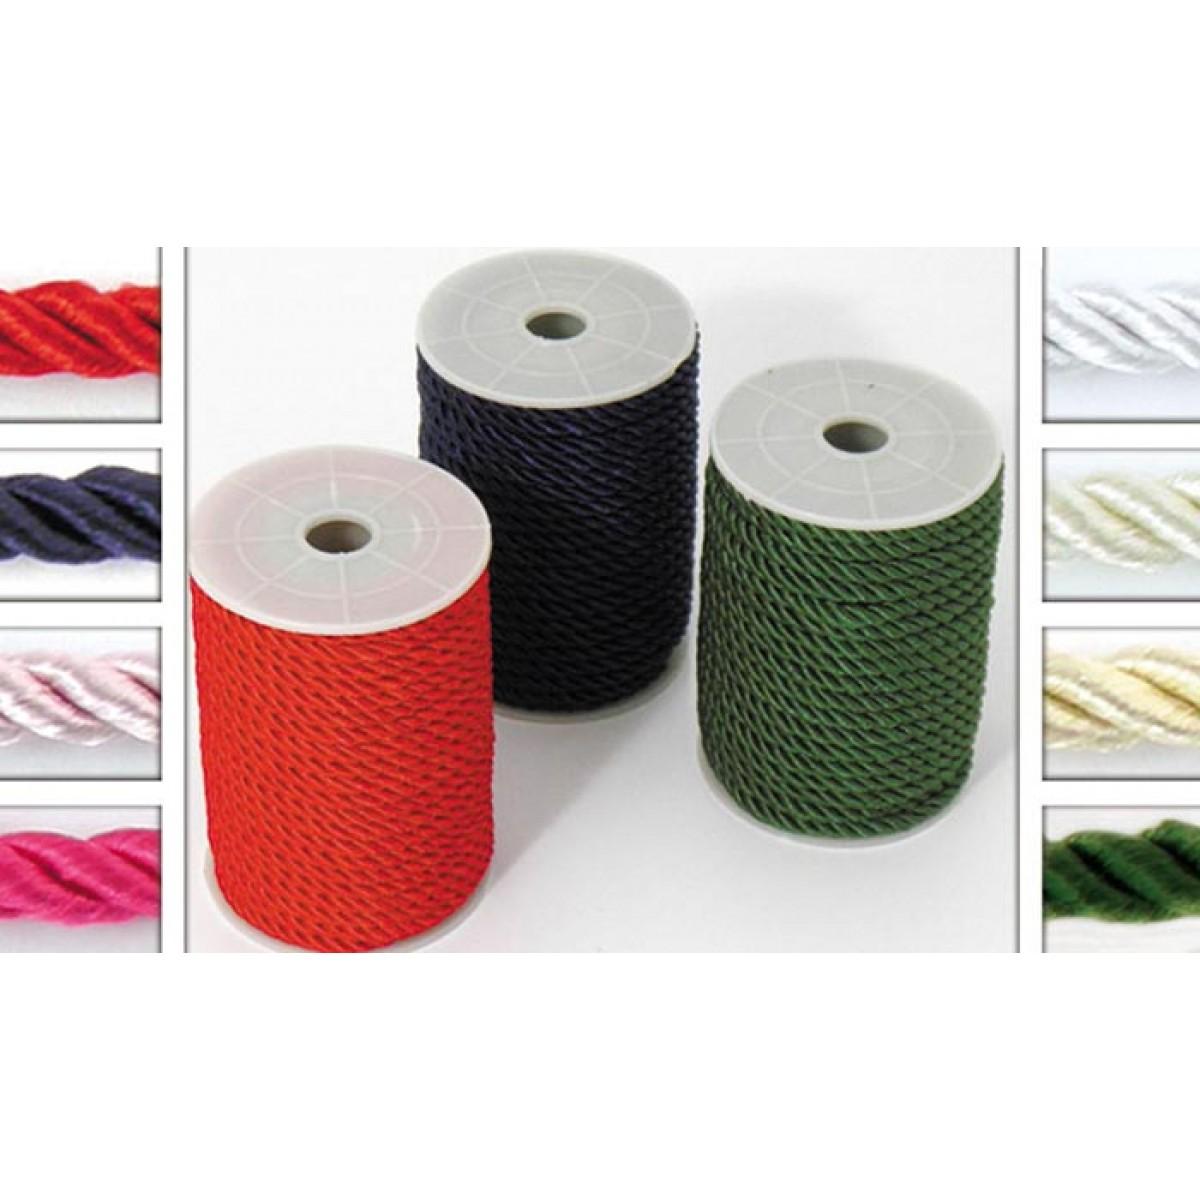 Κορδόνι Διάφορα Χρώματα 4mm Υλικά Χειροτεχνίας